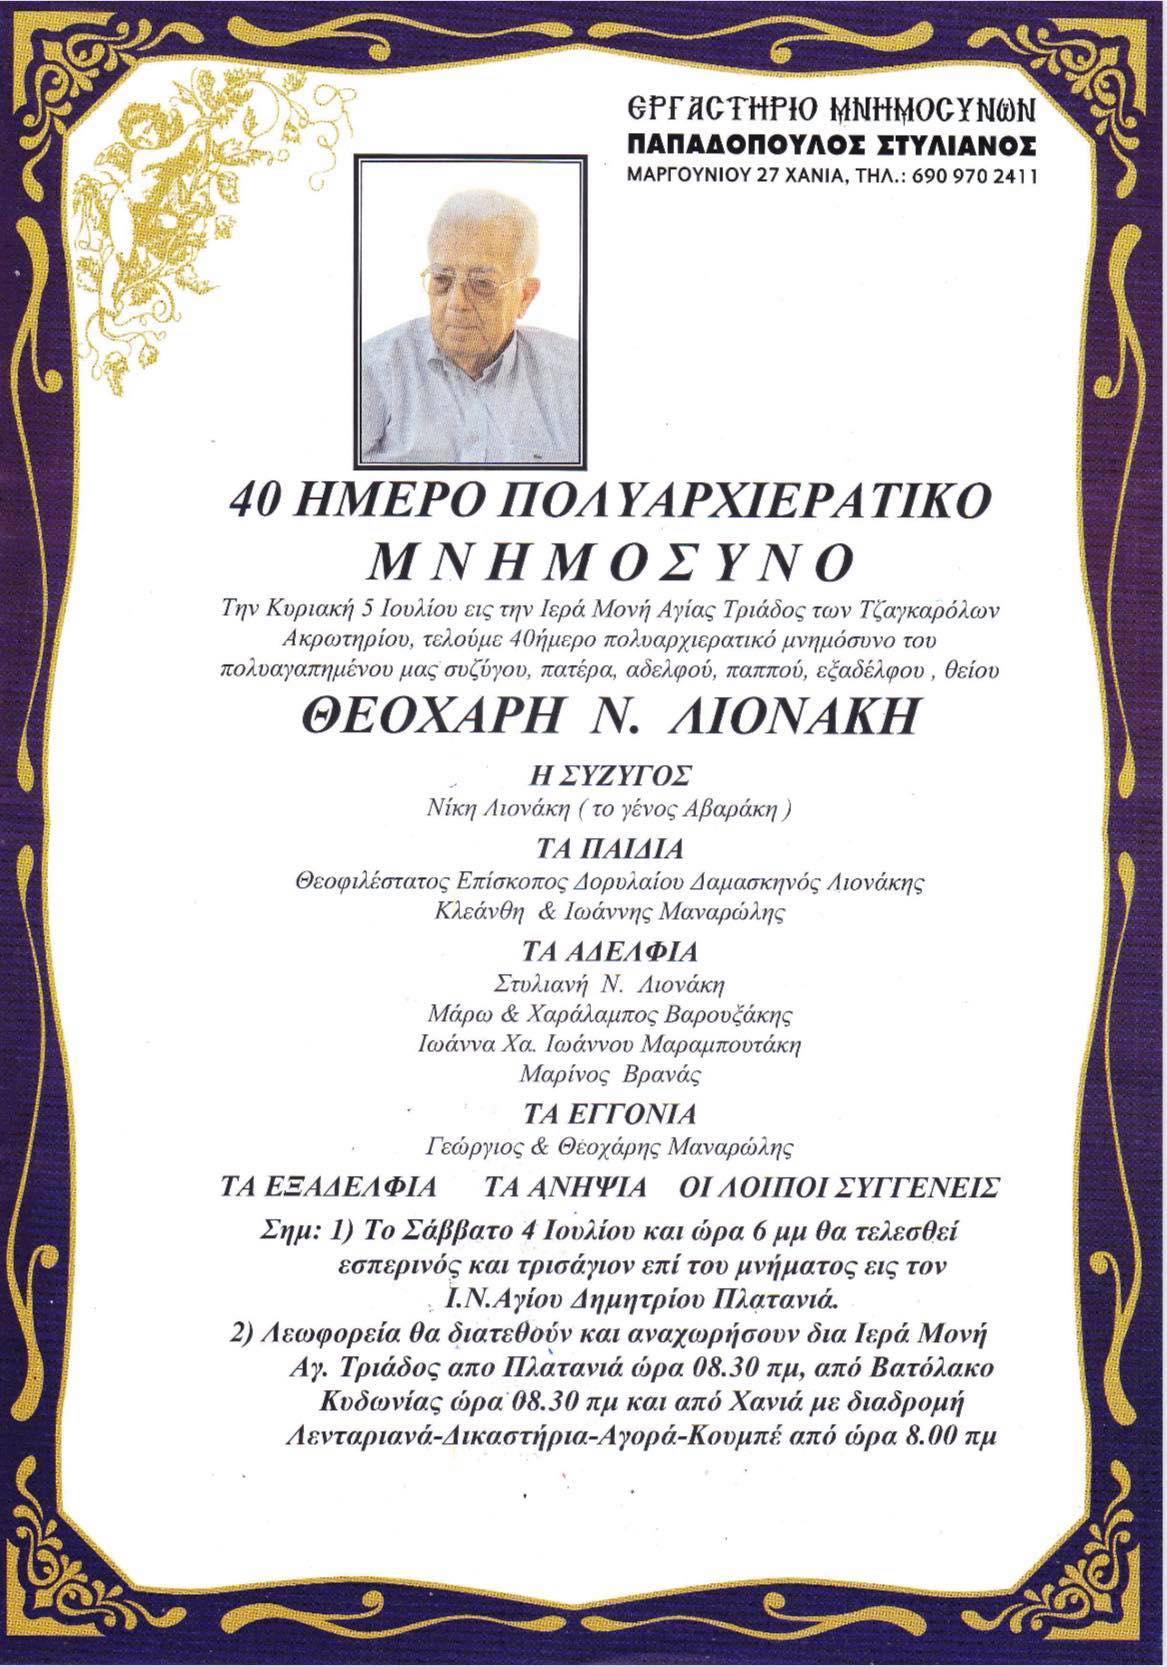 Μνημόσυνο Θεοχάρη Λιονάκη